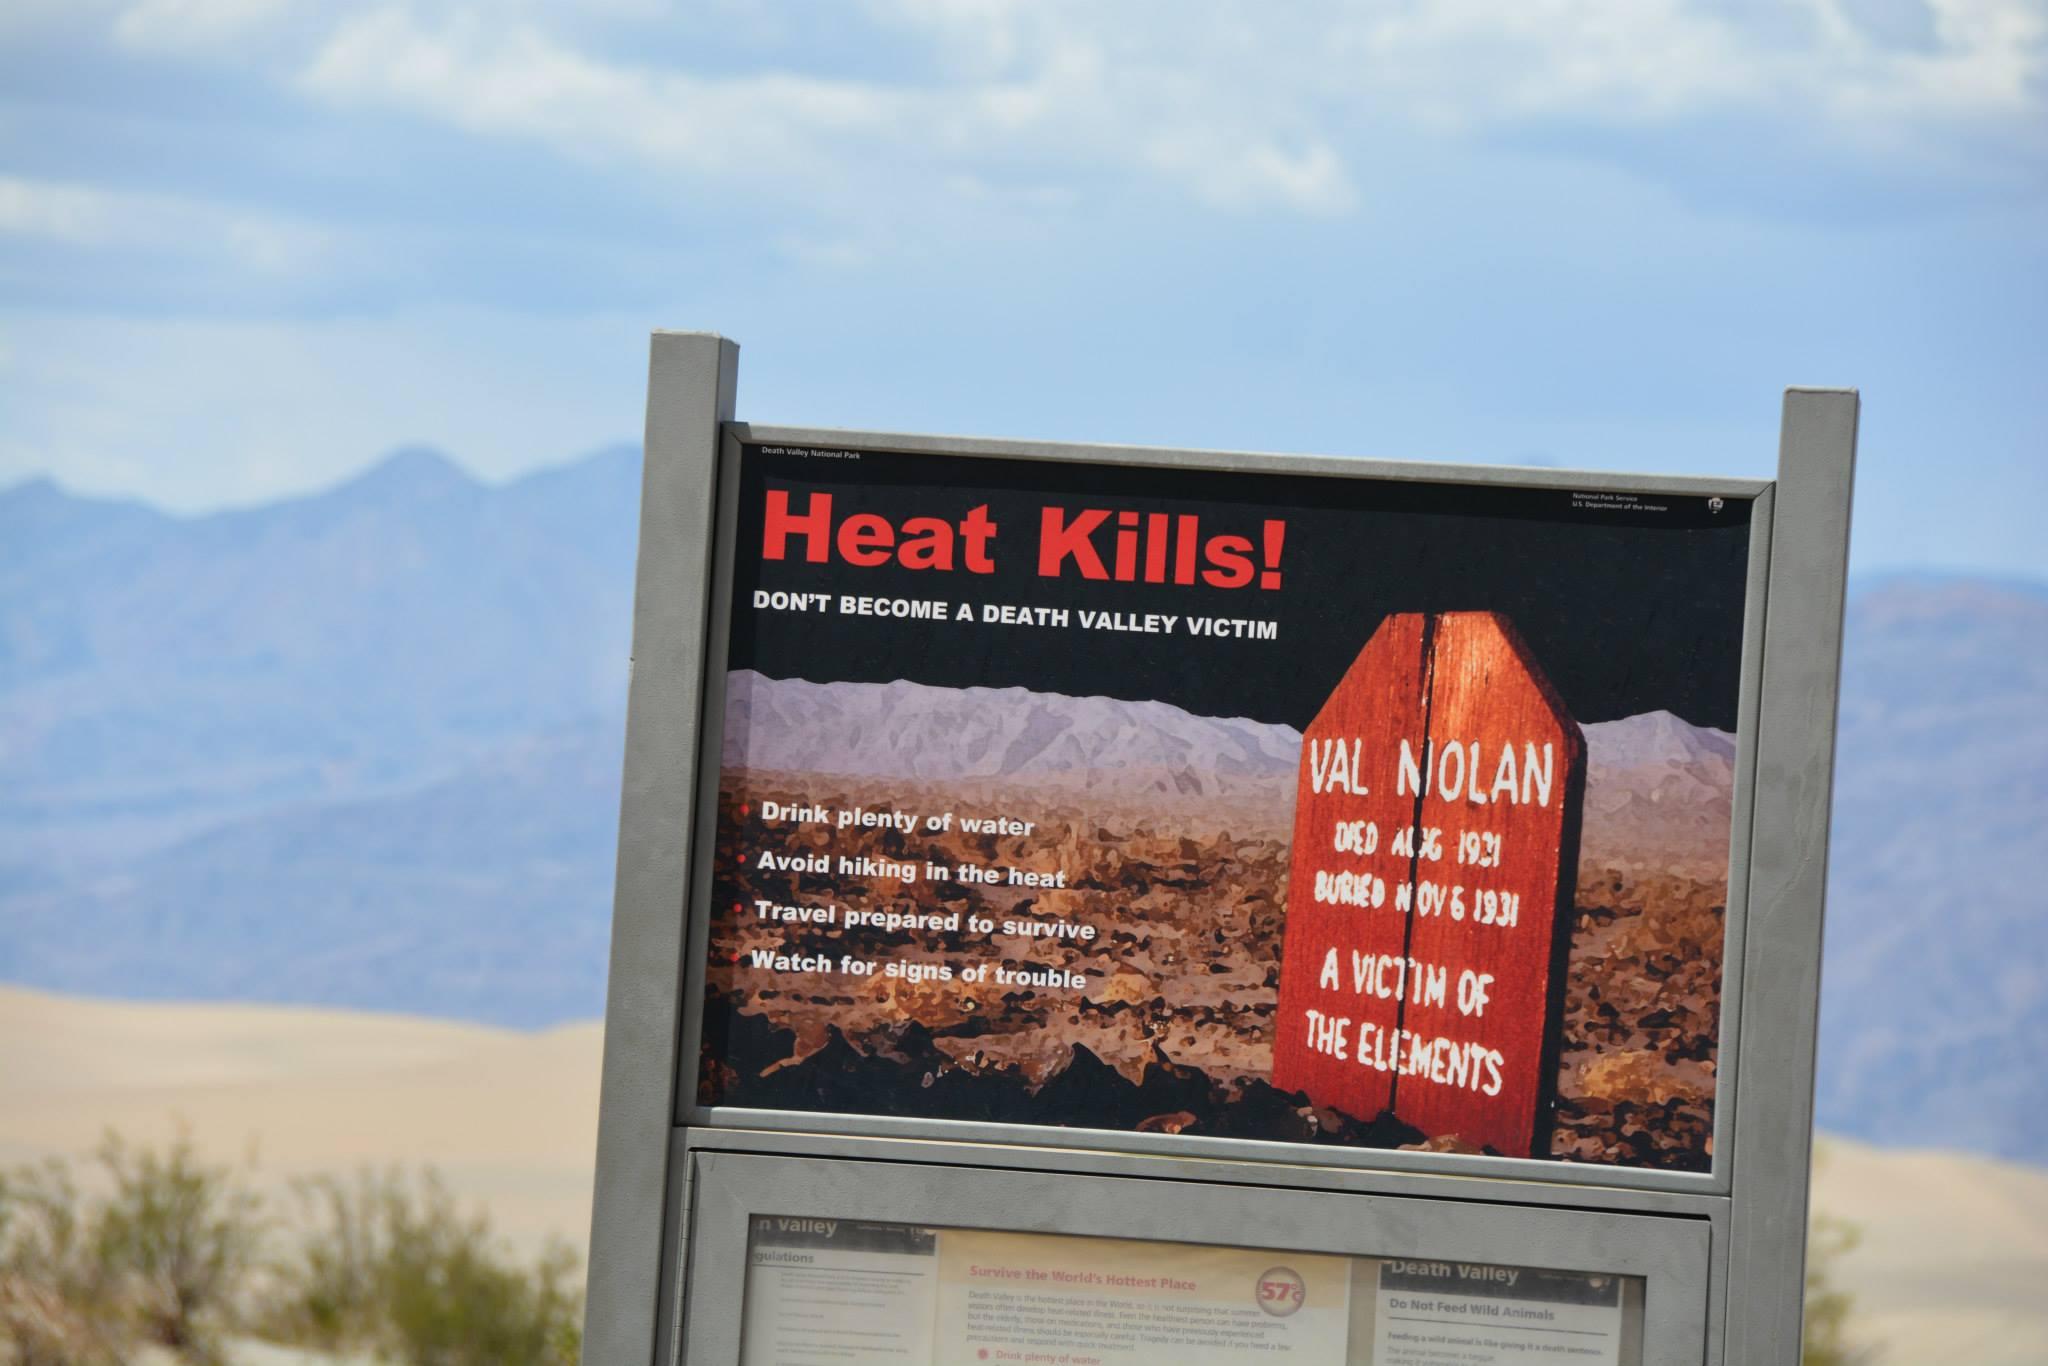 שלטי אזהרה מפני החום בעמק המוות